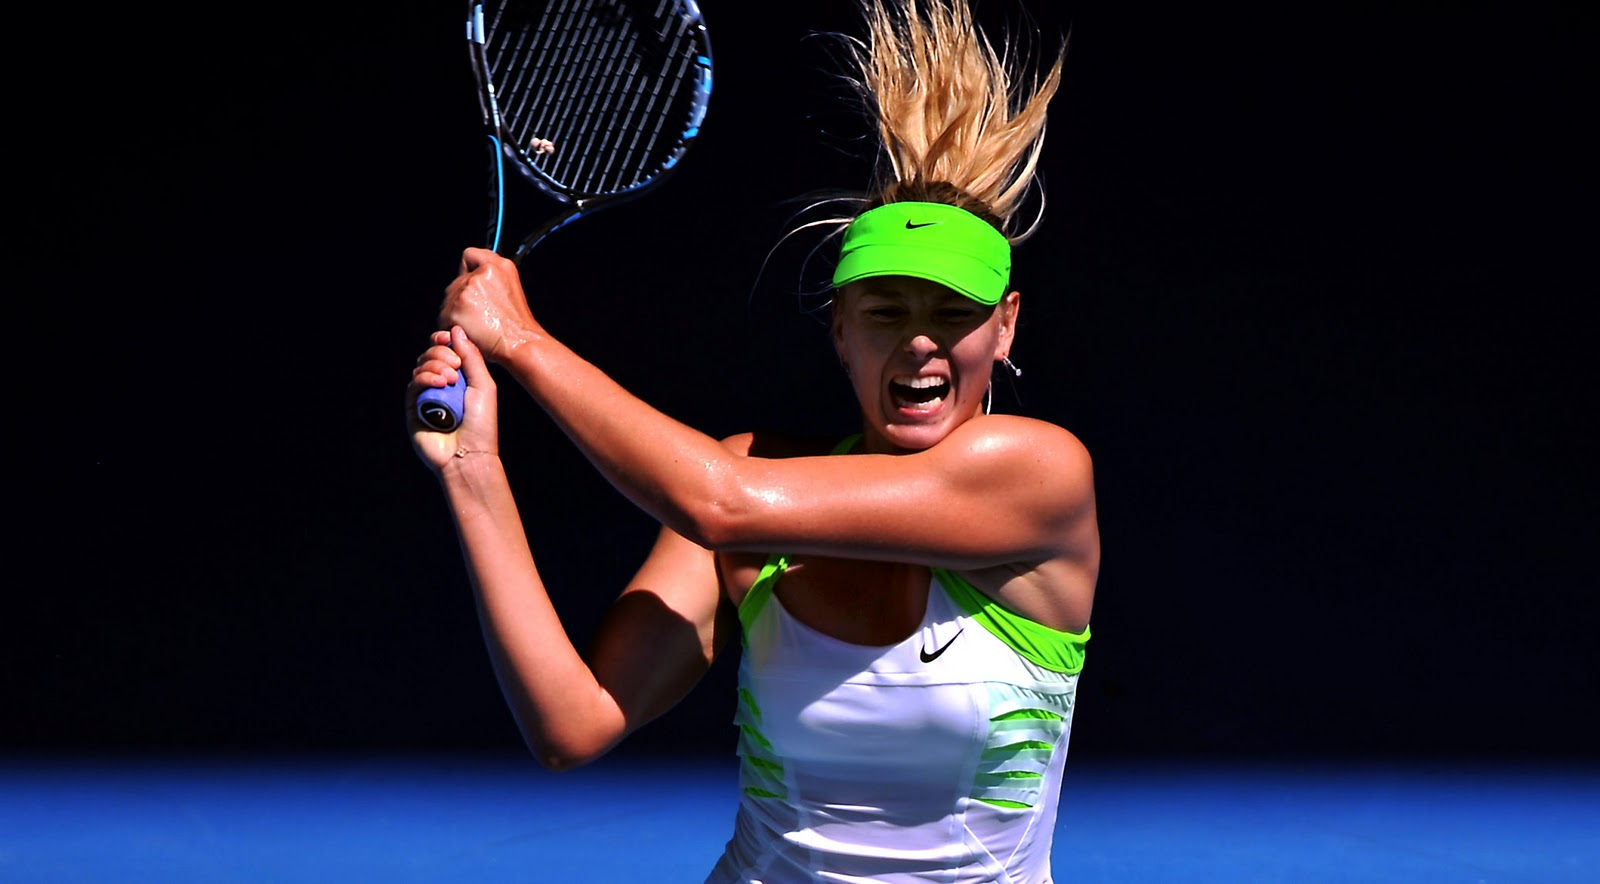 http://3.bp.blogspot.com/-Kjr6mKAhXCY/TyEEkHUYYkI/AAAAAAAAFOs/7YyCVvNunhE/s1600/503353584_Maria_Sharapova_Australian_Open25_2012_129_122_1000lo.jpg